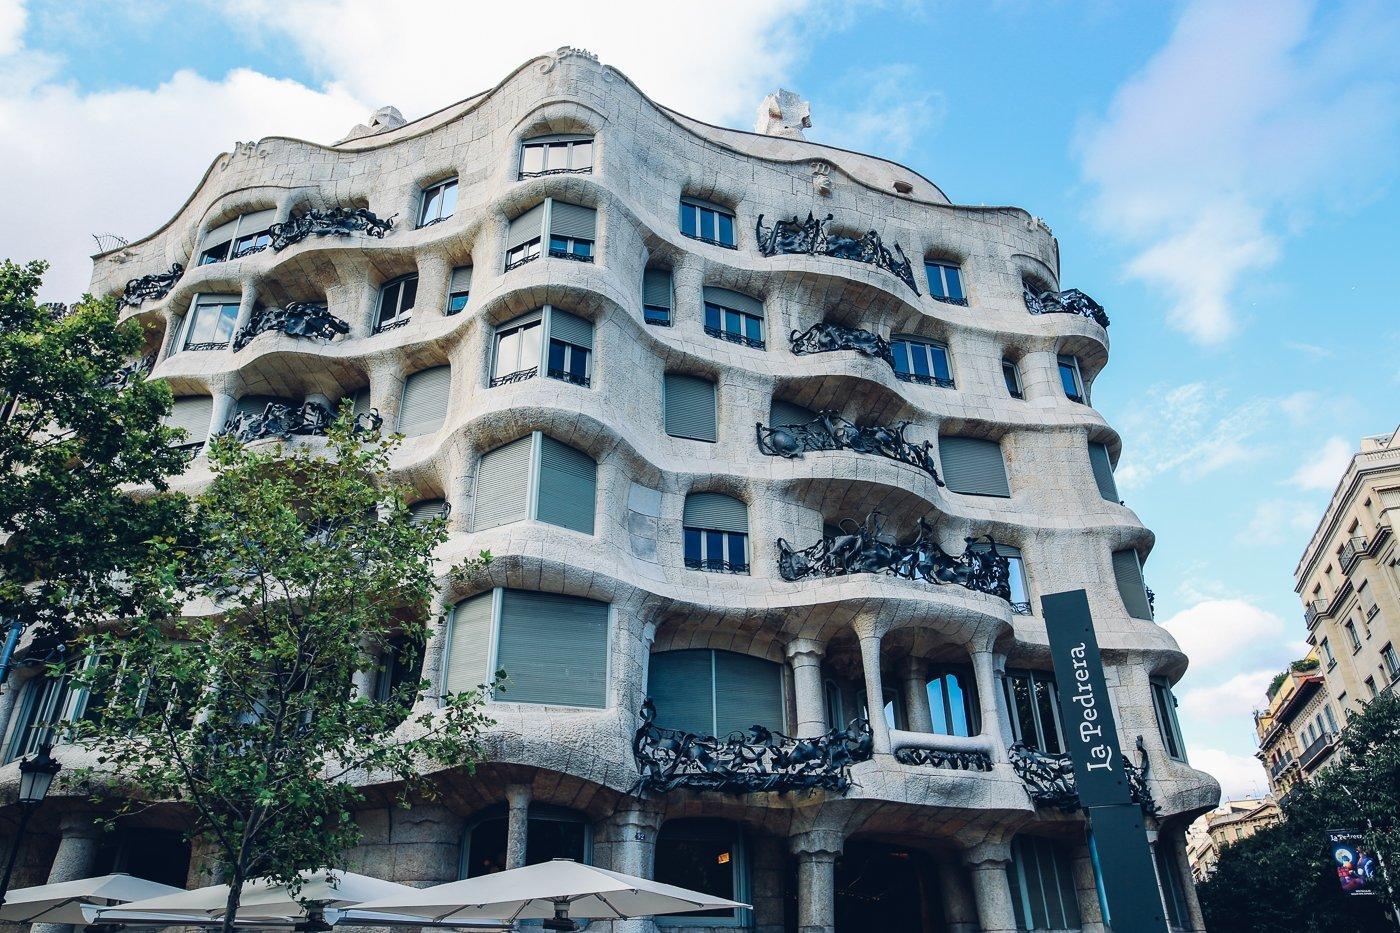 Sehensw rdigkeit in barcelona casa mil von gaud - Architekt barcelona ...